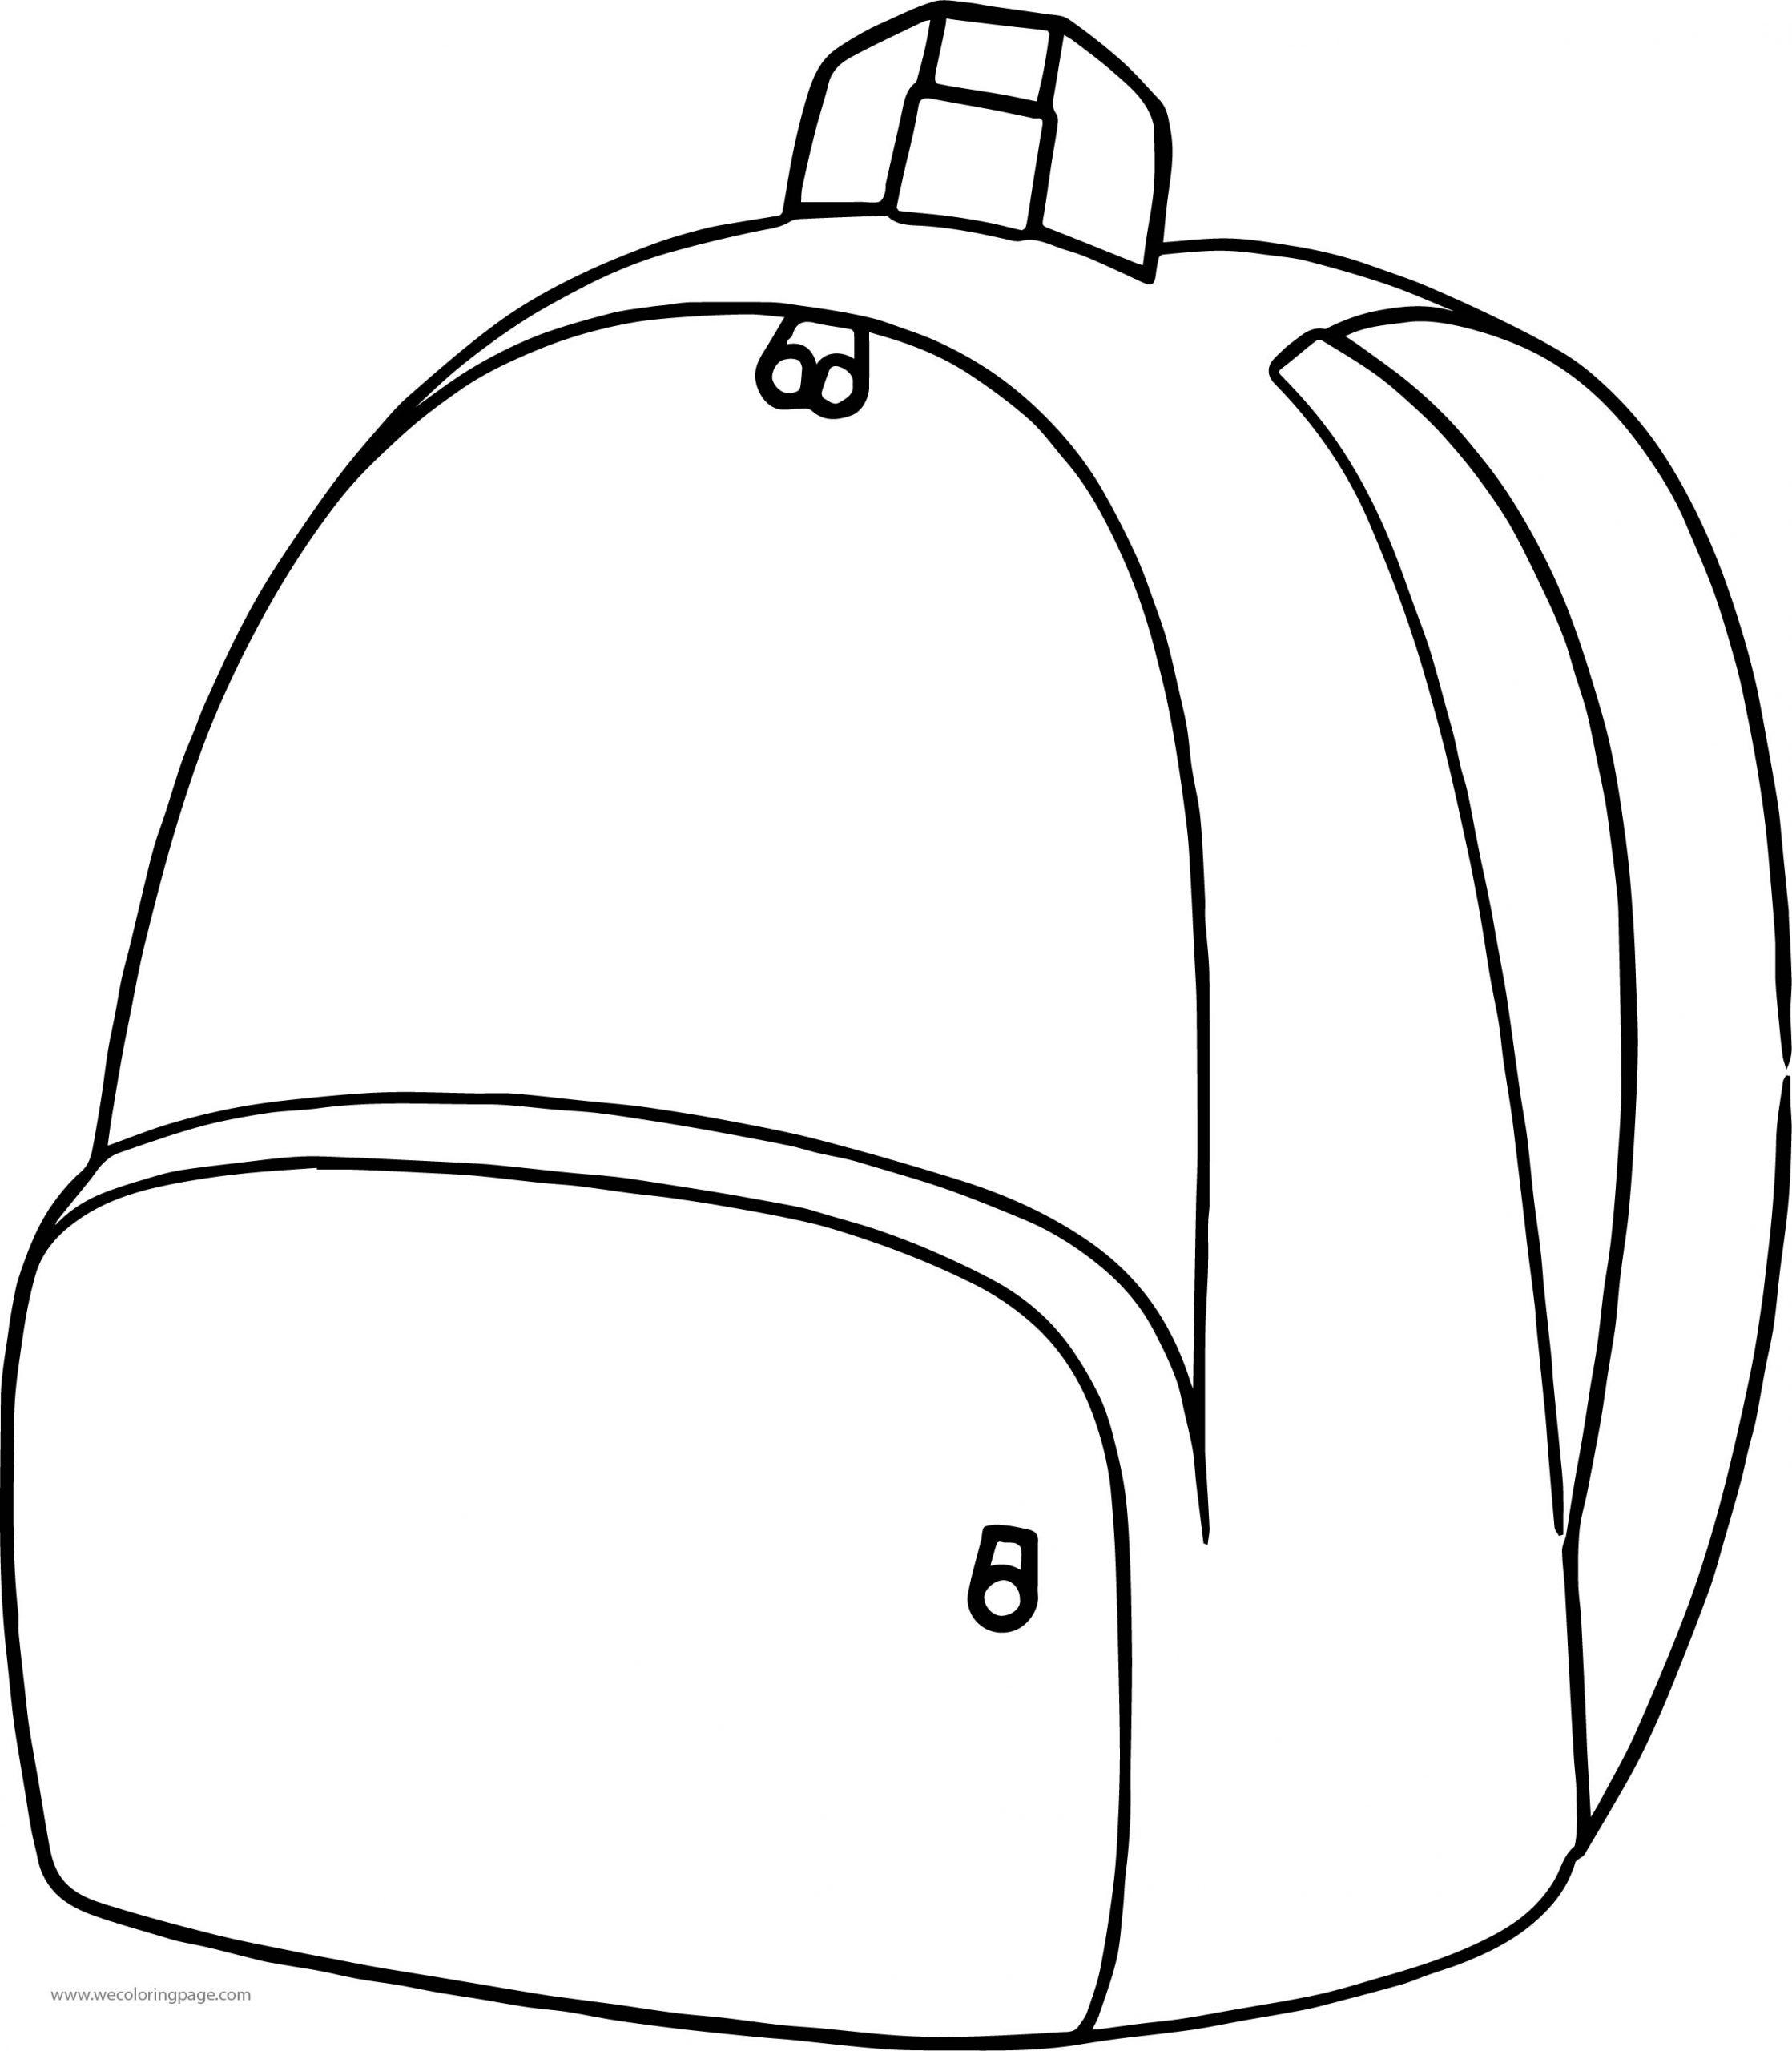 School Bag Coloring Page 14